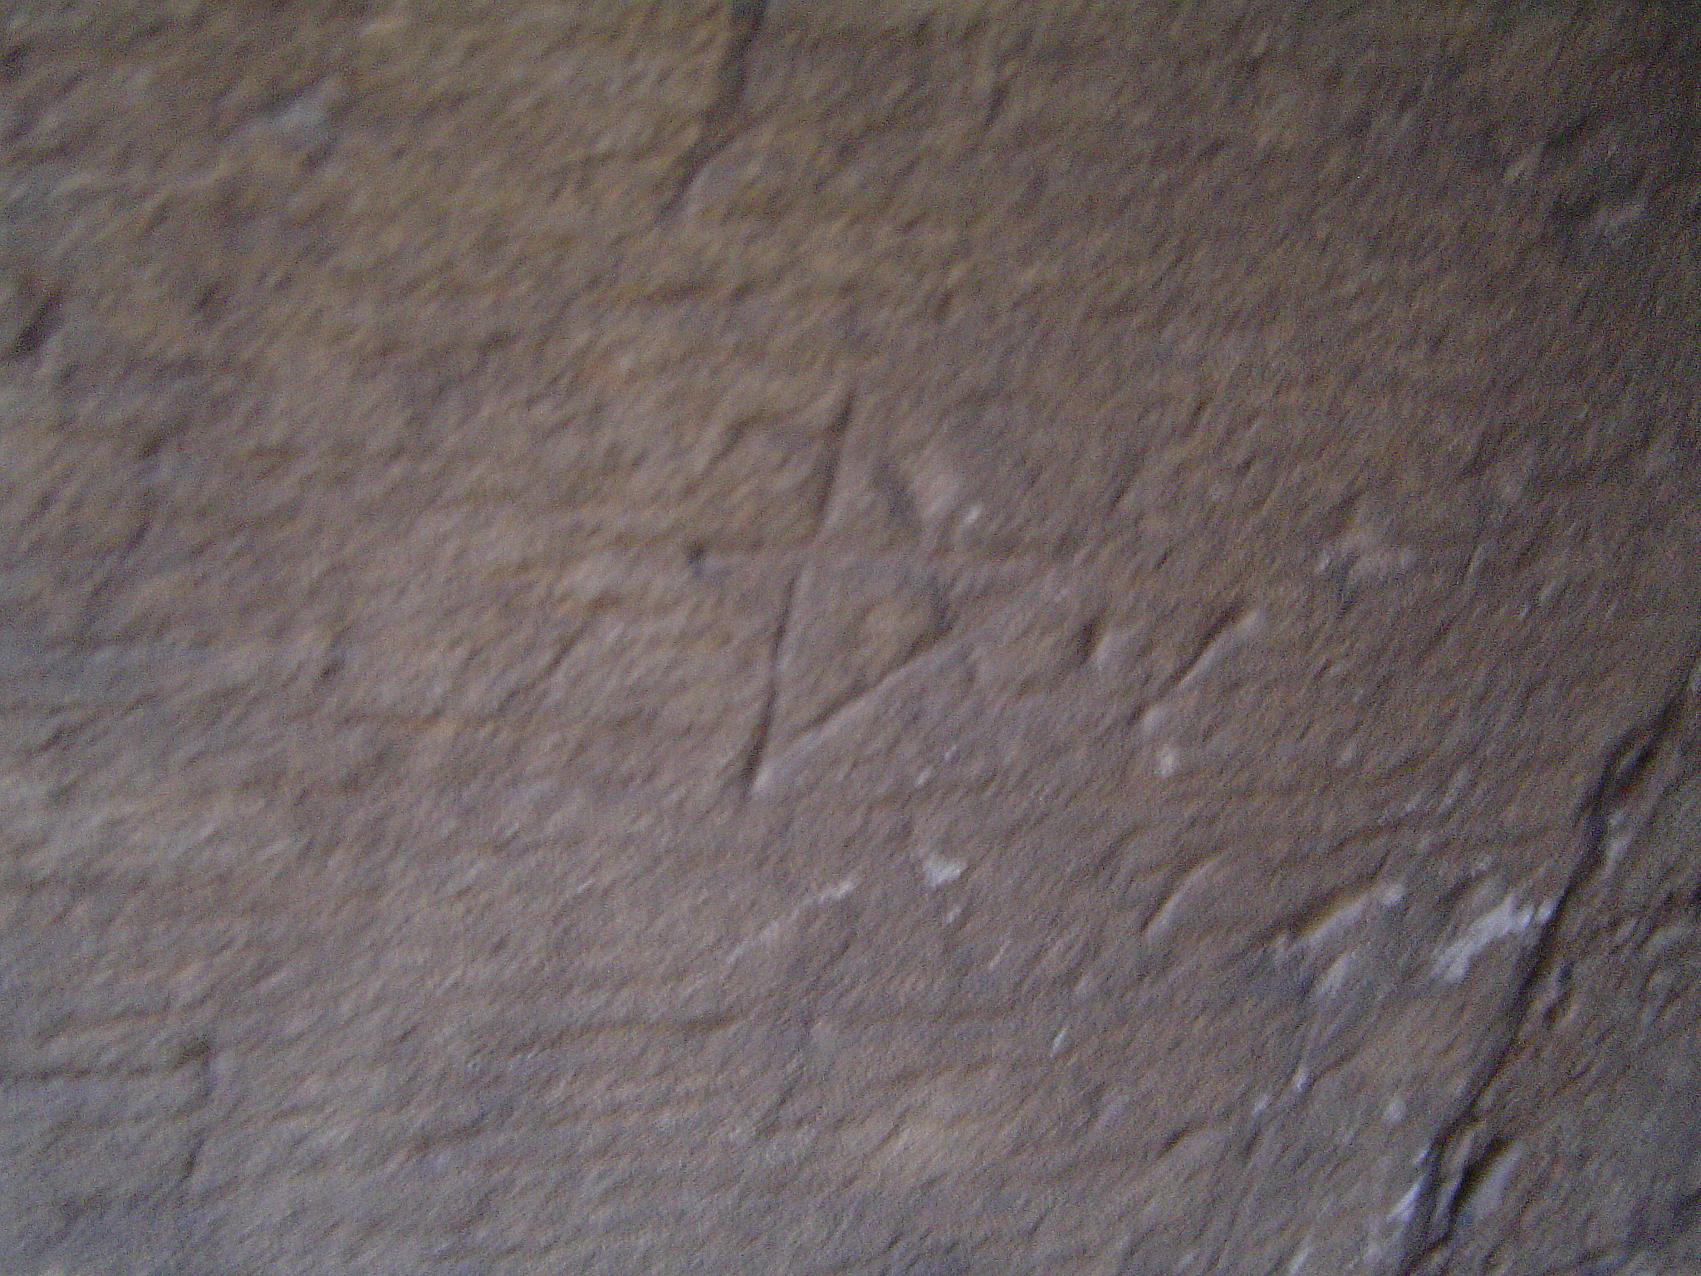 19.03.2009 <strong>Pentagrama</strong> localitzat a l'escala de cargol d'accés al campanar.  Seu Vella de Lleida -  Jordi Bibià